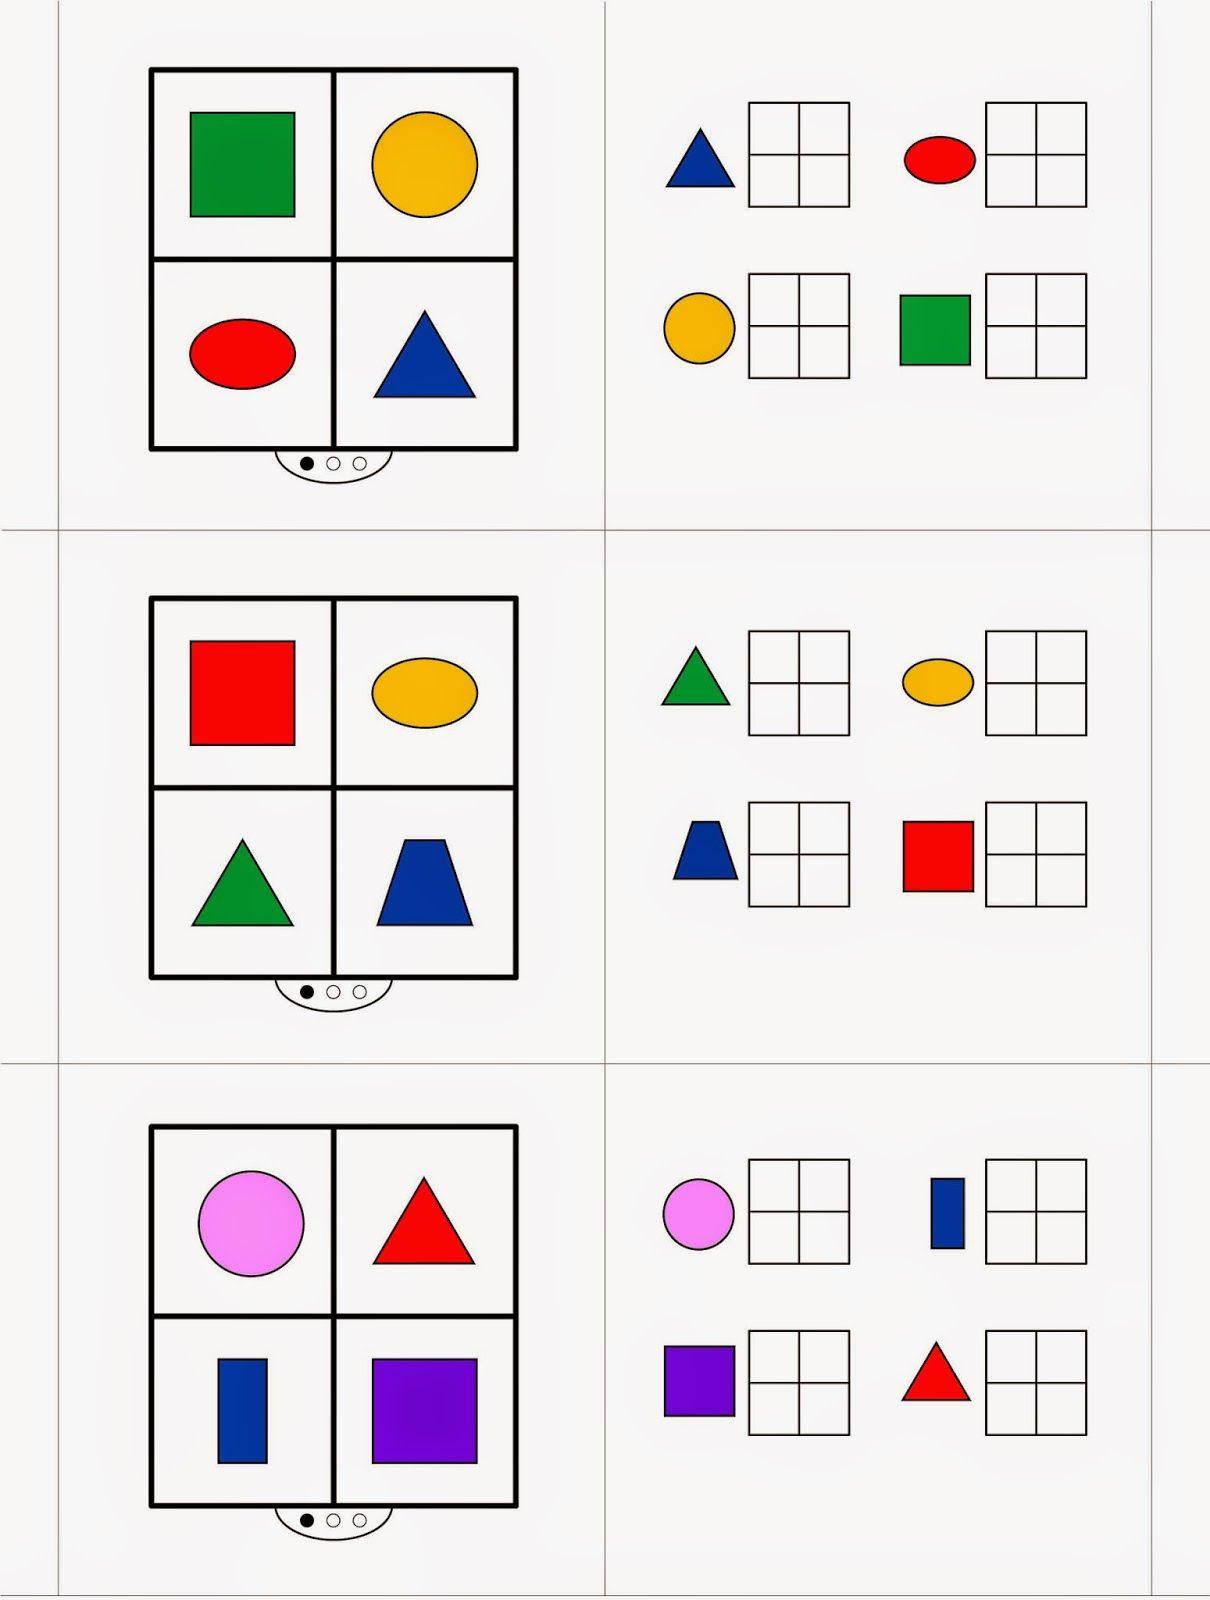 Gedächtnistraining/Wahrnehmung im 1. Schuljahr (1) | Wahrnehmung ...